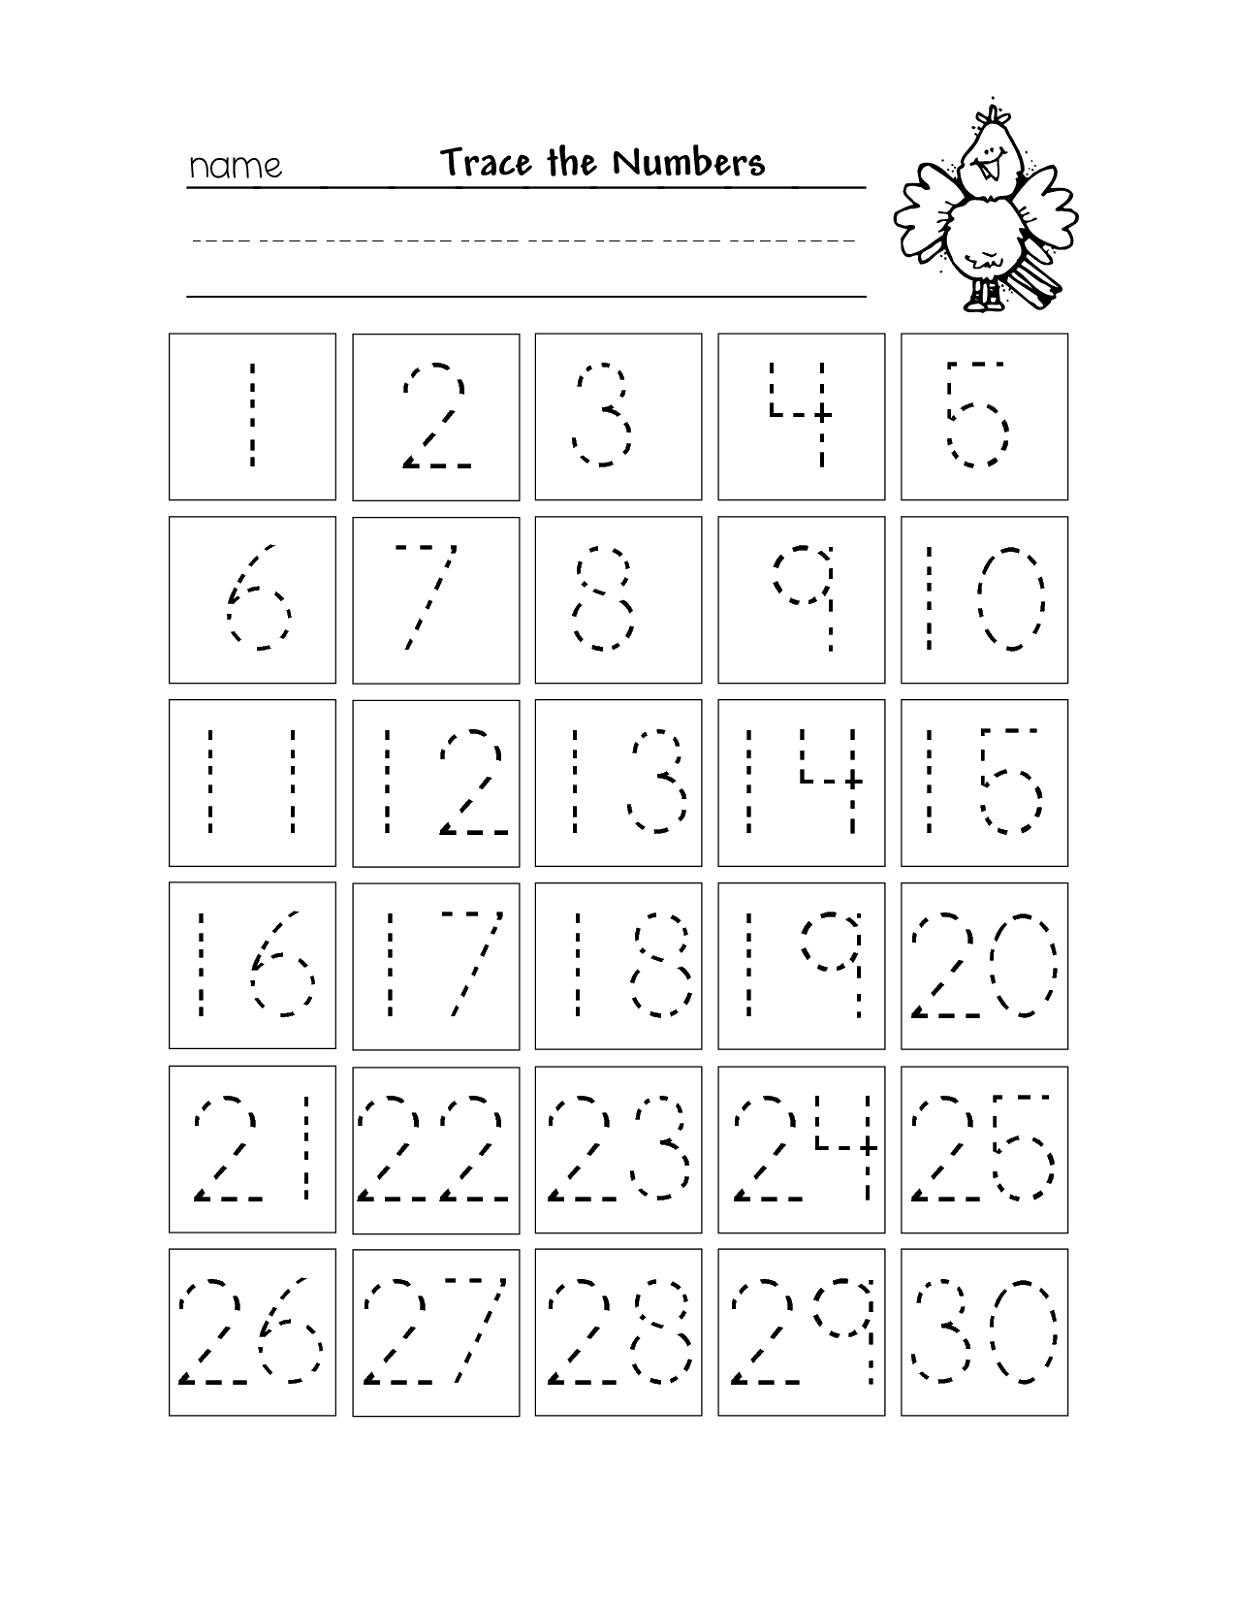 Free Printable Number Chart 1-30   Kinder   Number Tracing - Free Printable Number Worksheets